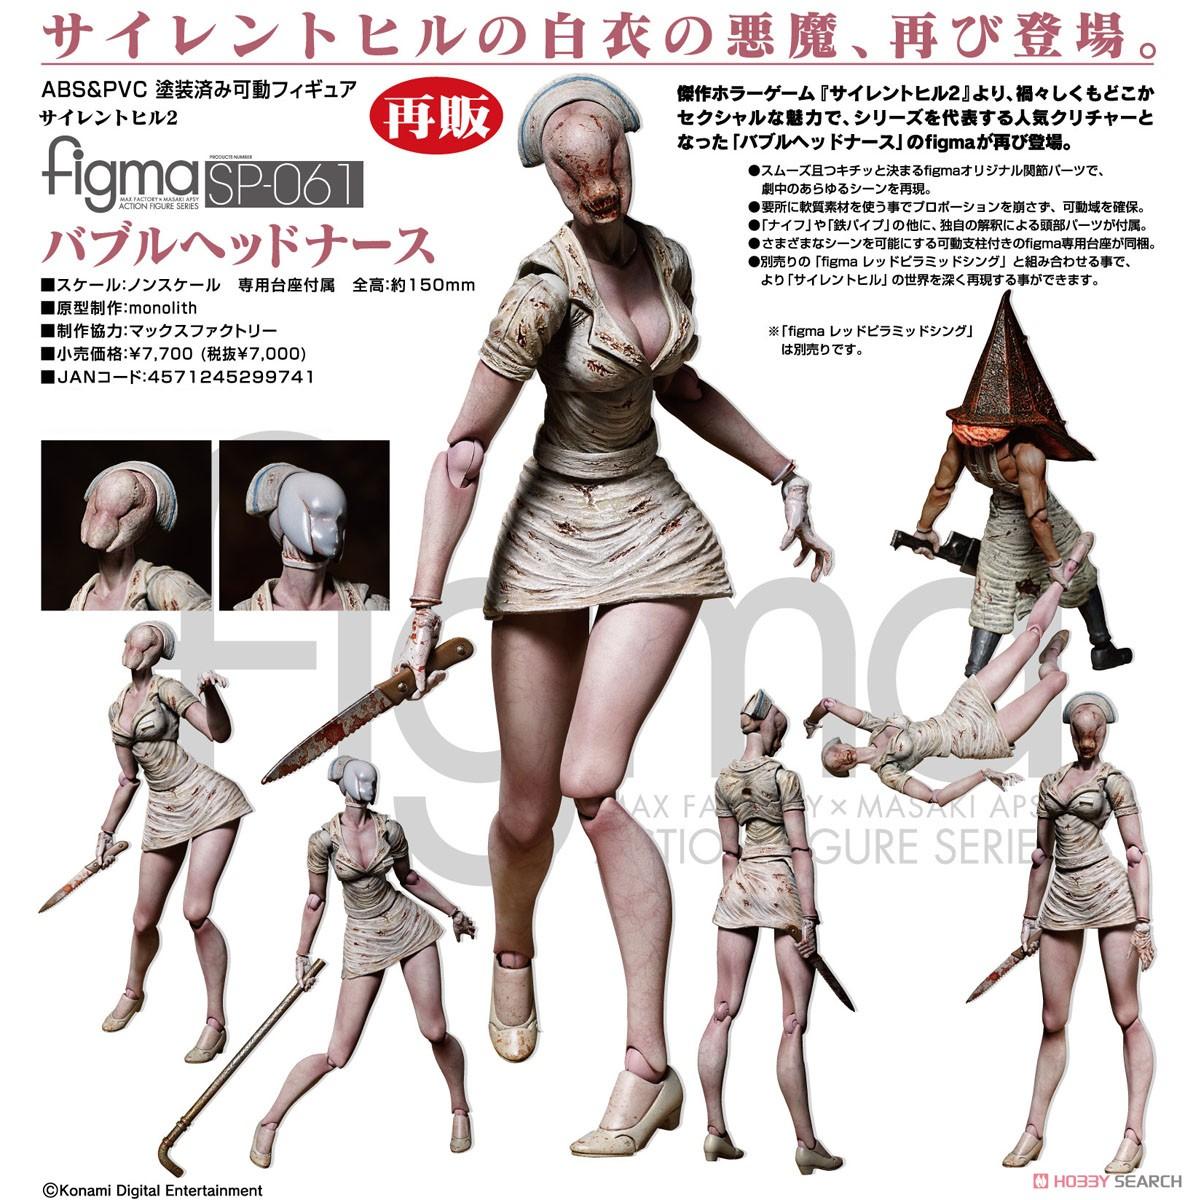 figma 『レッドピラミッドシング』サイレントヒル2 可動フィギュア-016